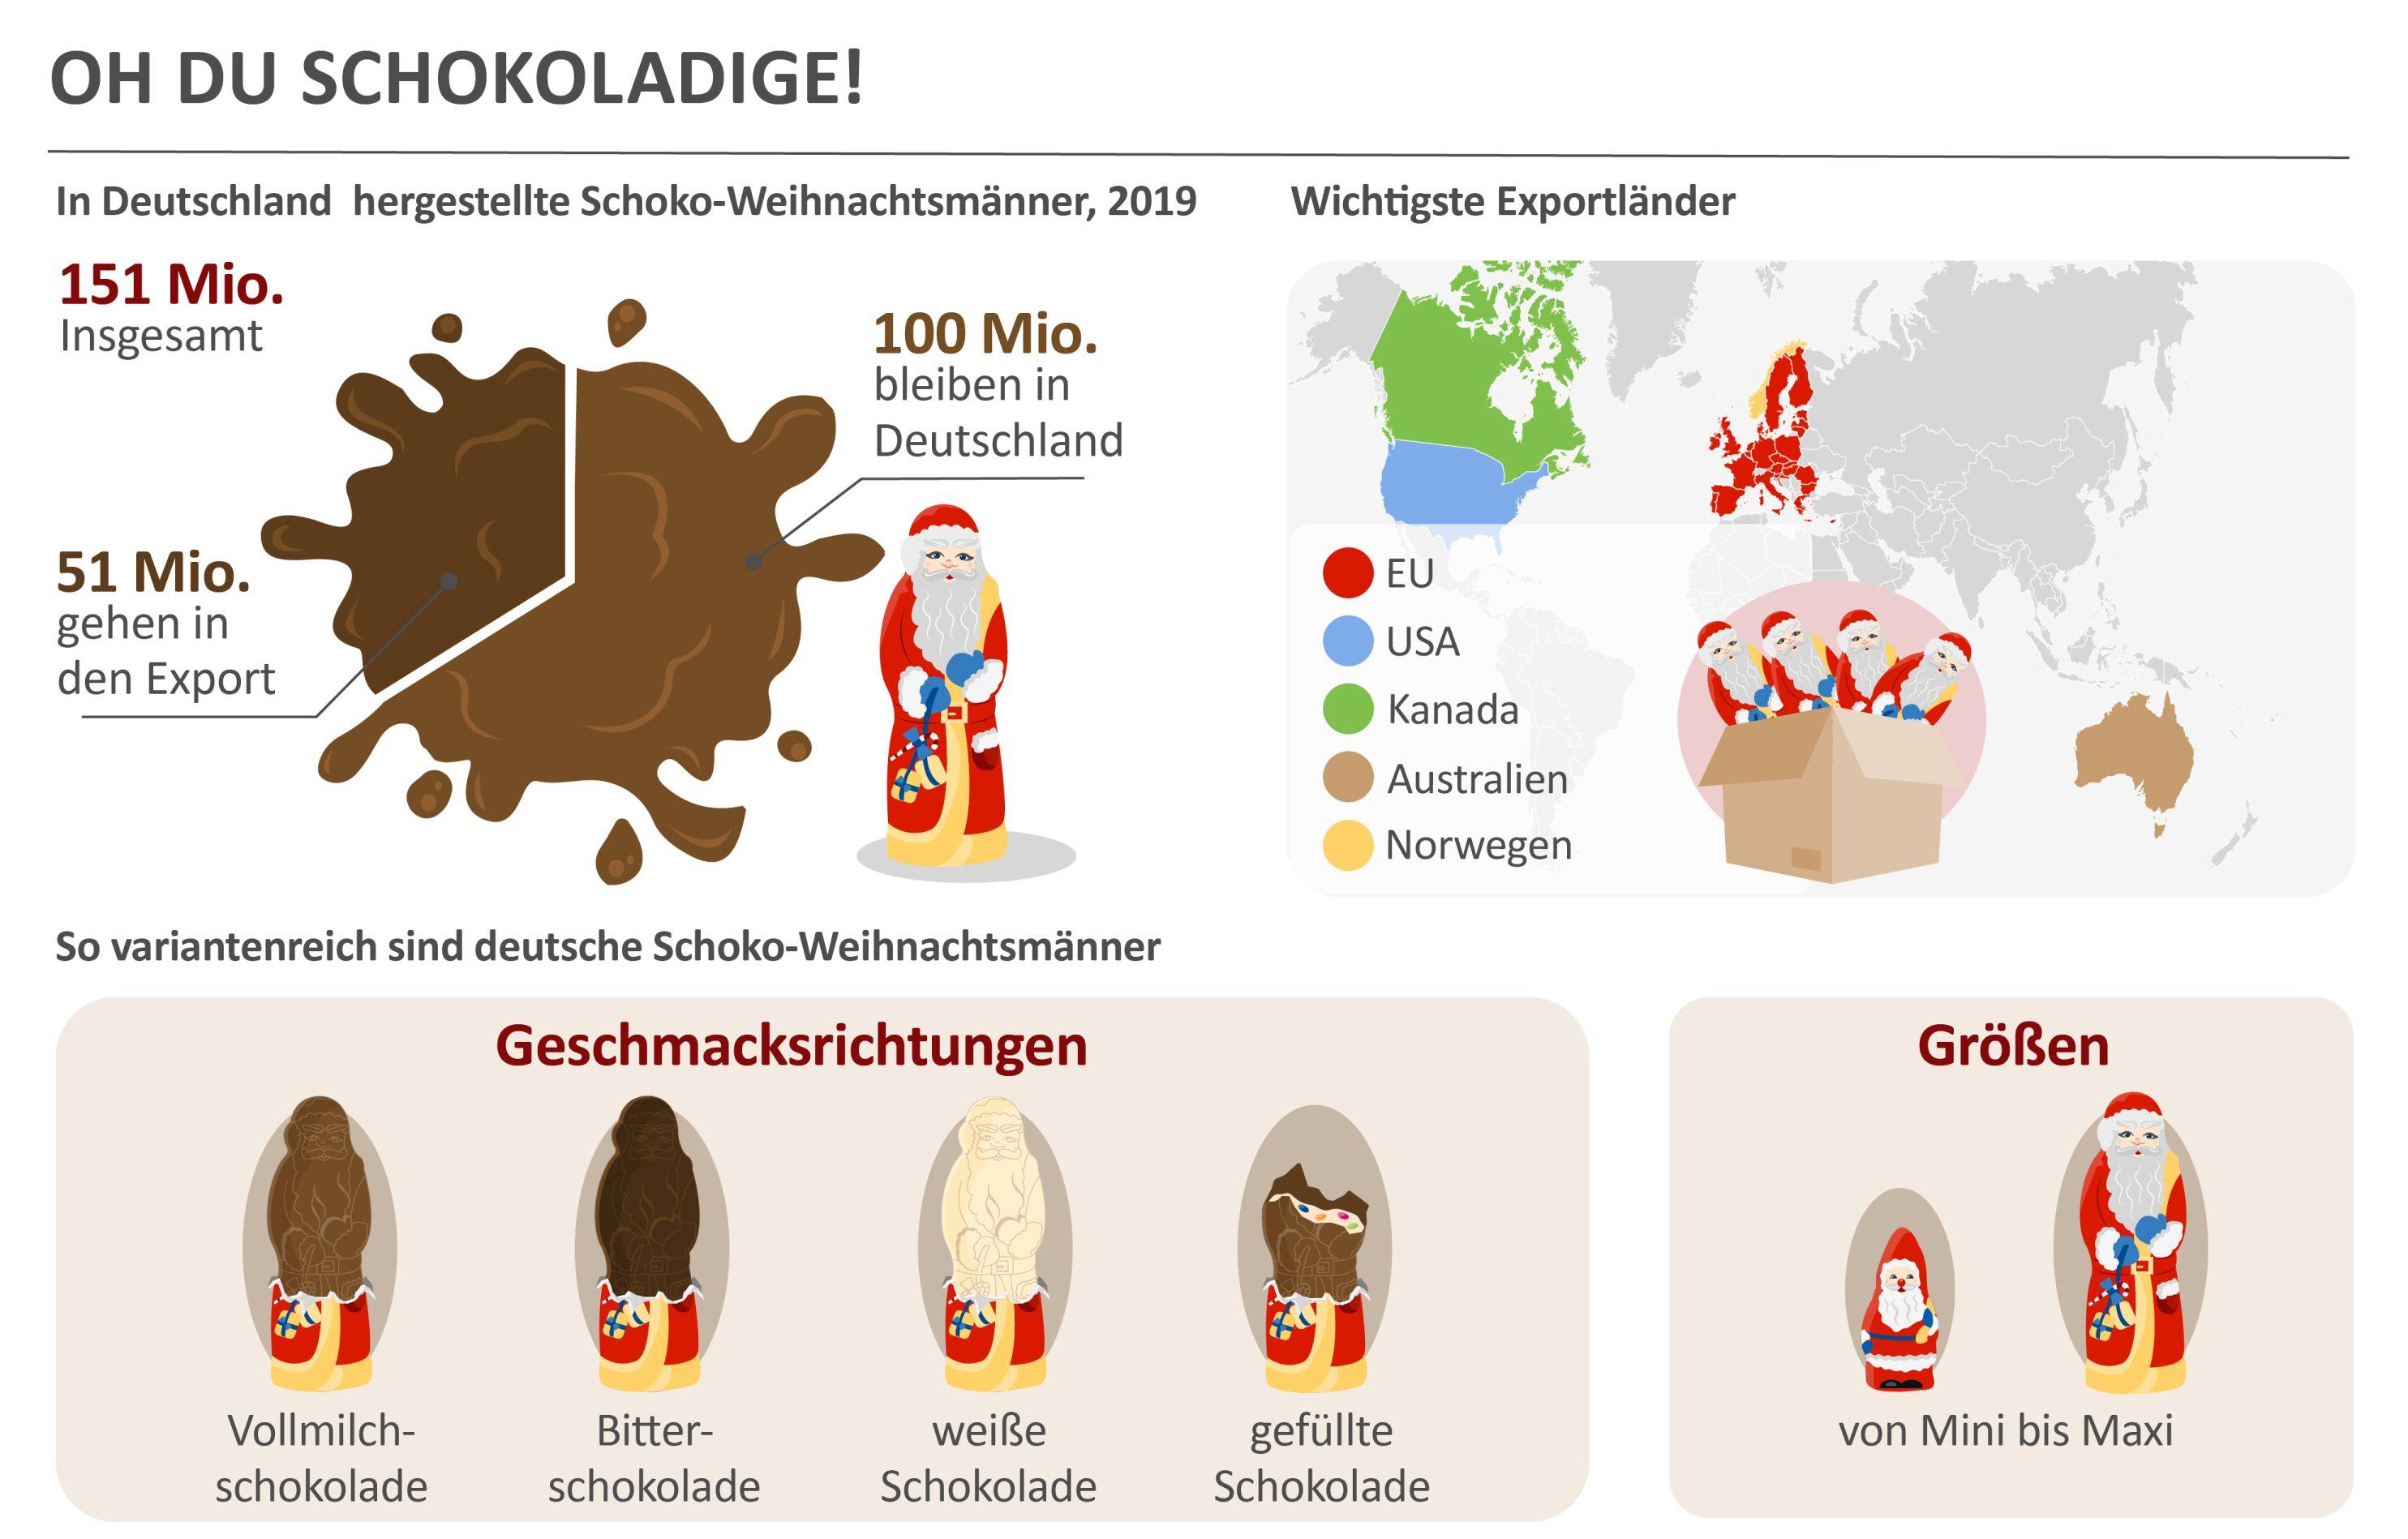 Eine Infographie der Nummer der hergestellten Schokoladen Weihnachtsmänner im Jahre 2019